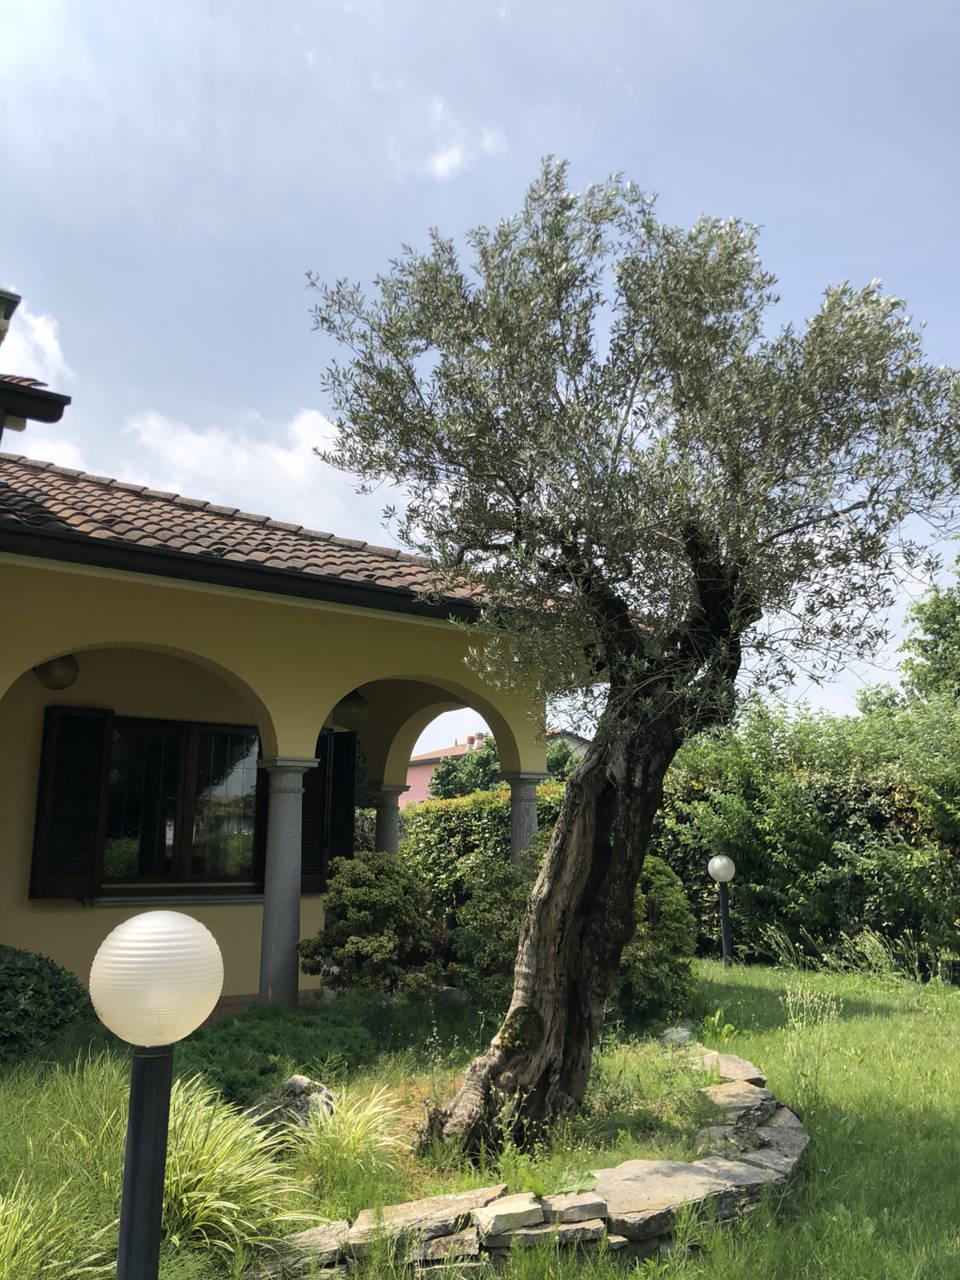 Villa-con-piscina-in-vendita-a-Mezzago-in-Brianza-11